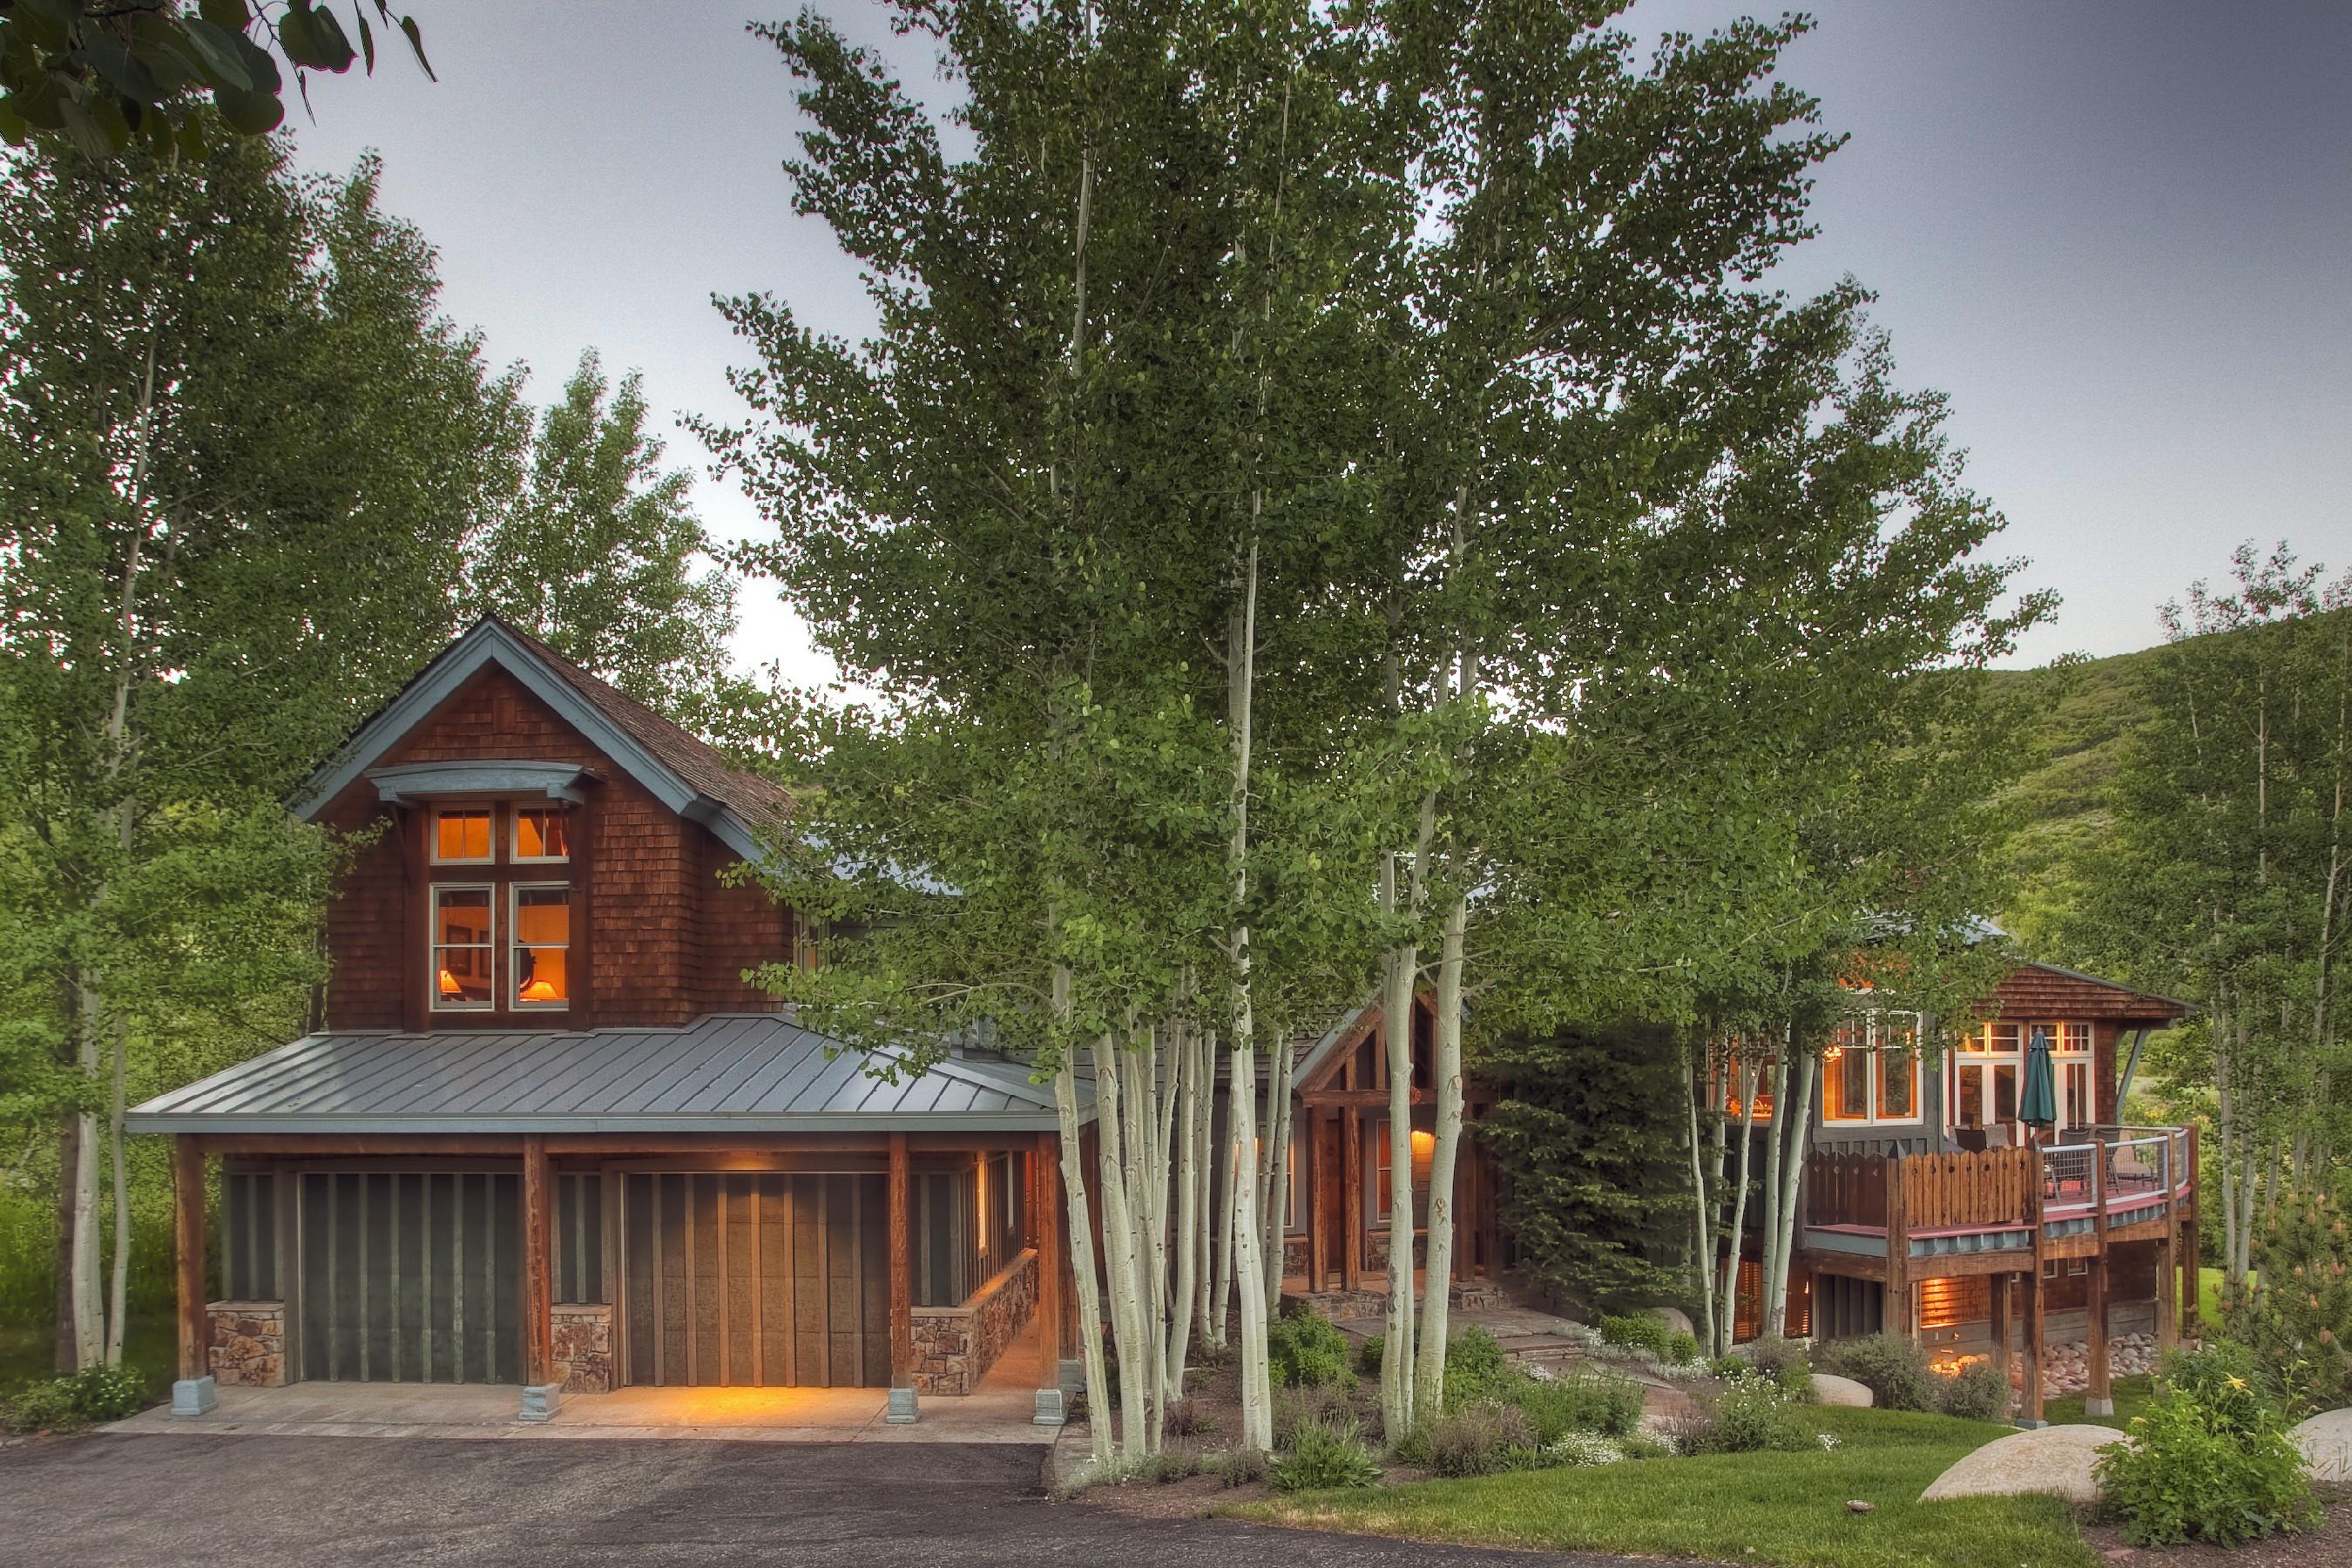 一戸建て のために 売買 アット Horse Ranch Lot 47 124 Trail Rider Lane Snowmass Village, コロラド, 81615 アメリカ合衆国